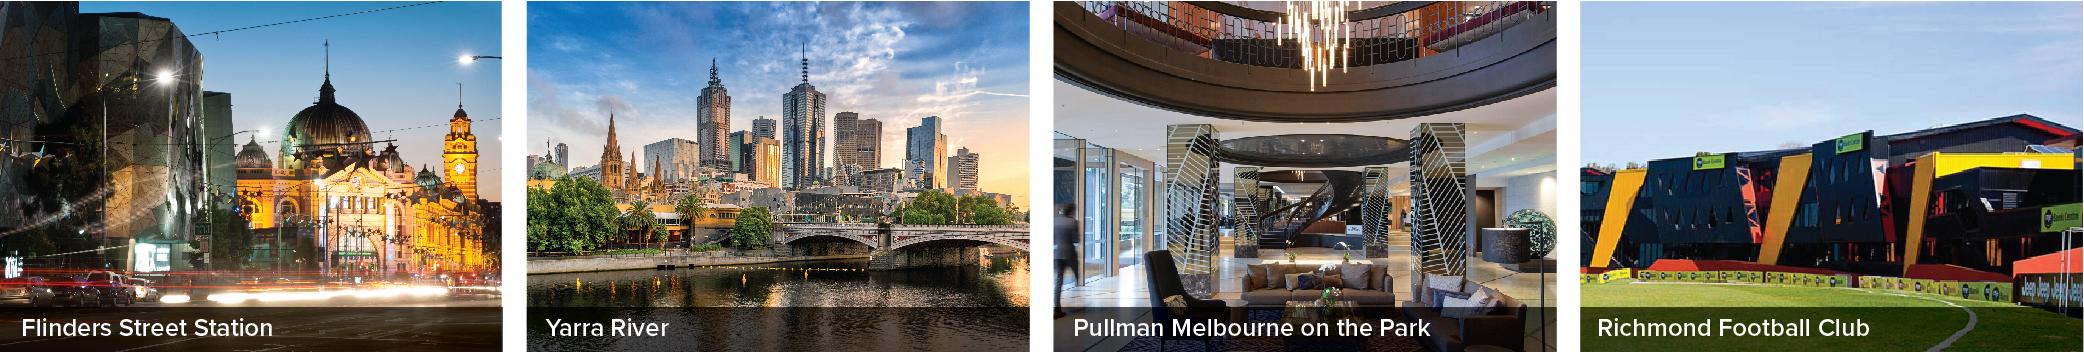 Melbourne Images-01.jpg